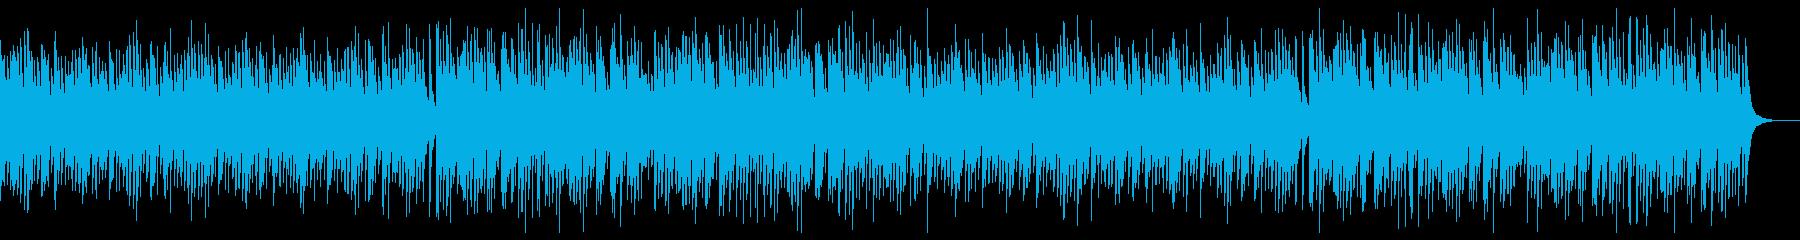 切ない箏の旋律が印象的な和風曲の再生済みの波形